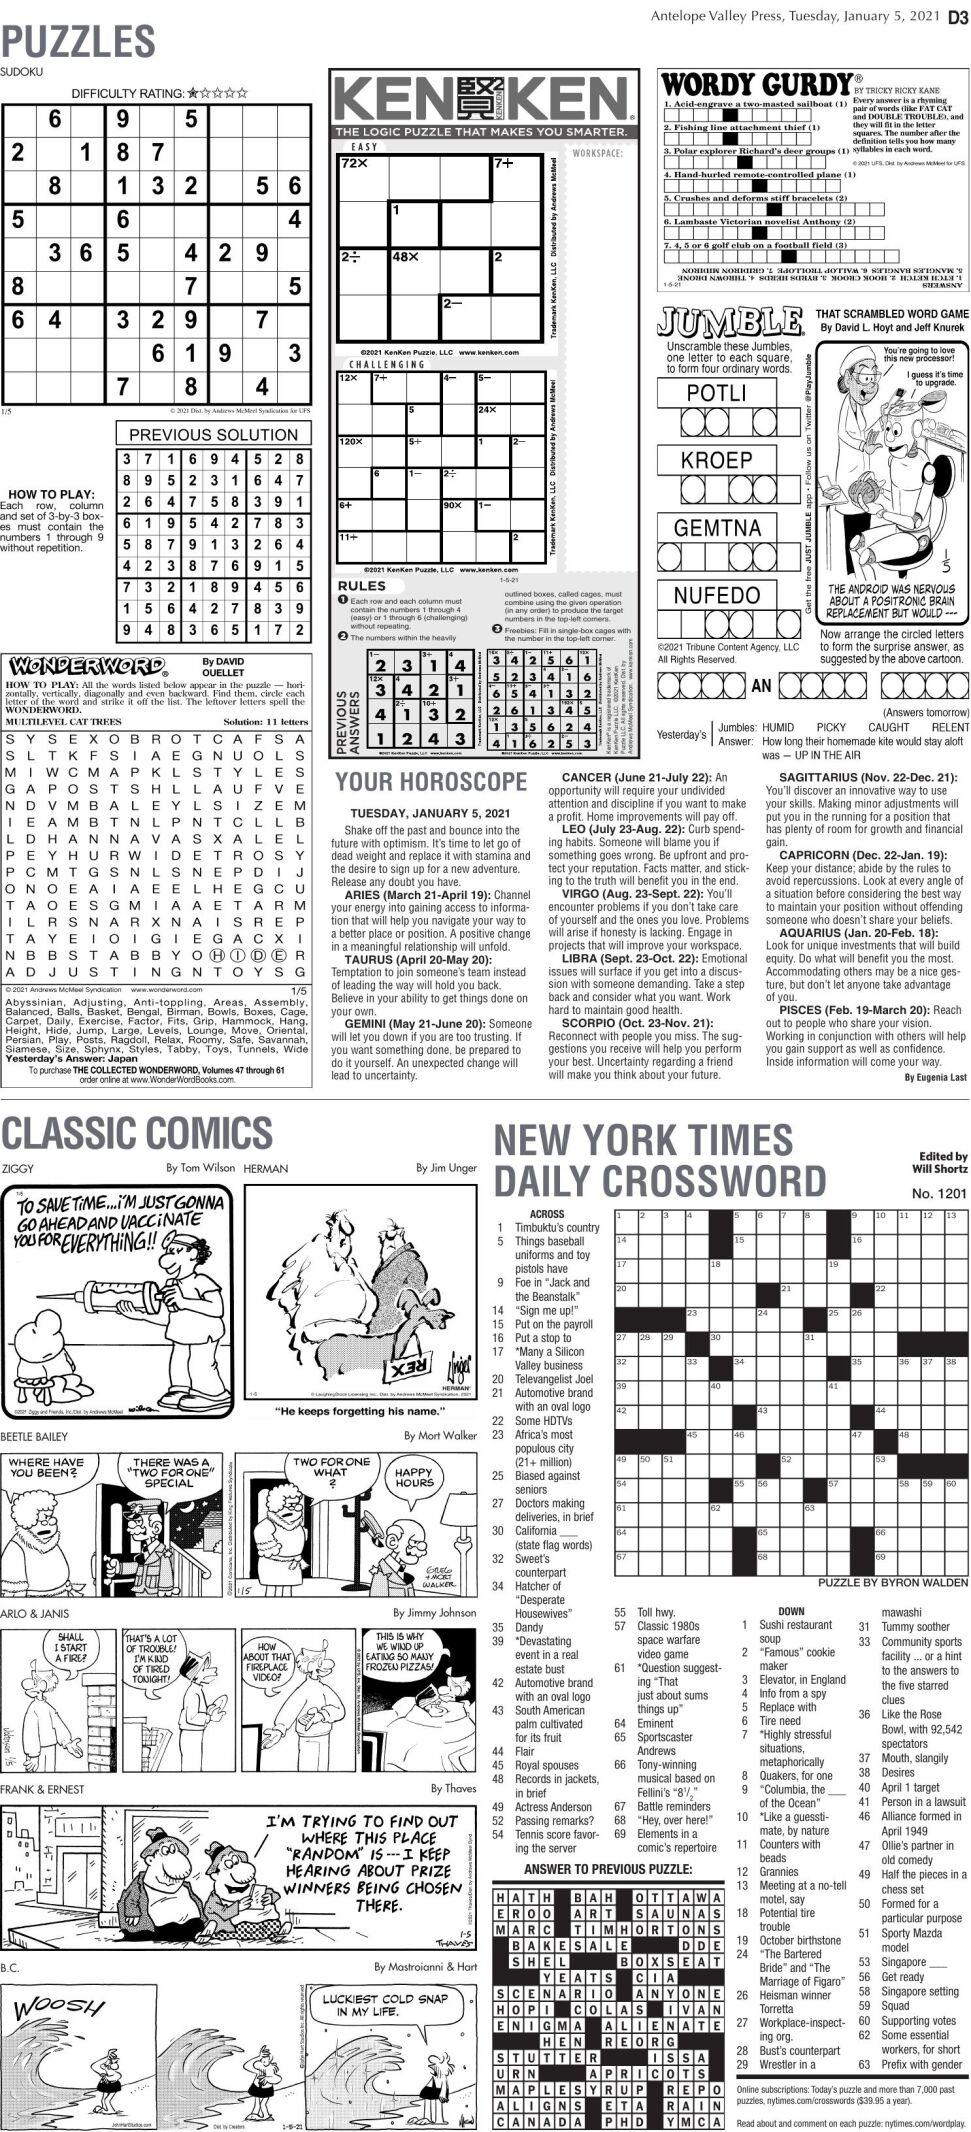 Puzzles, Jan. 5, 2021